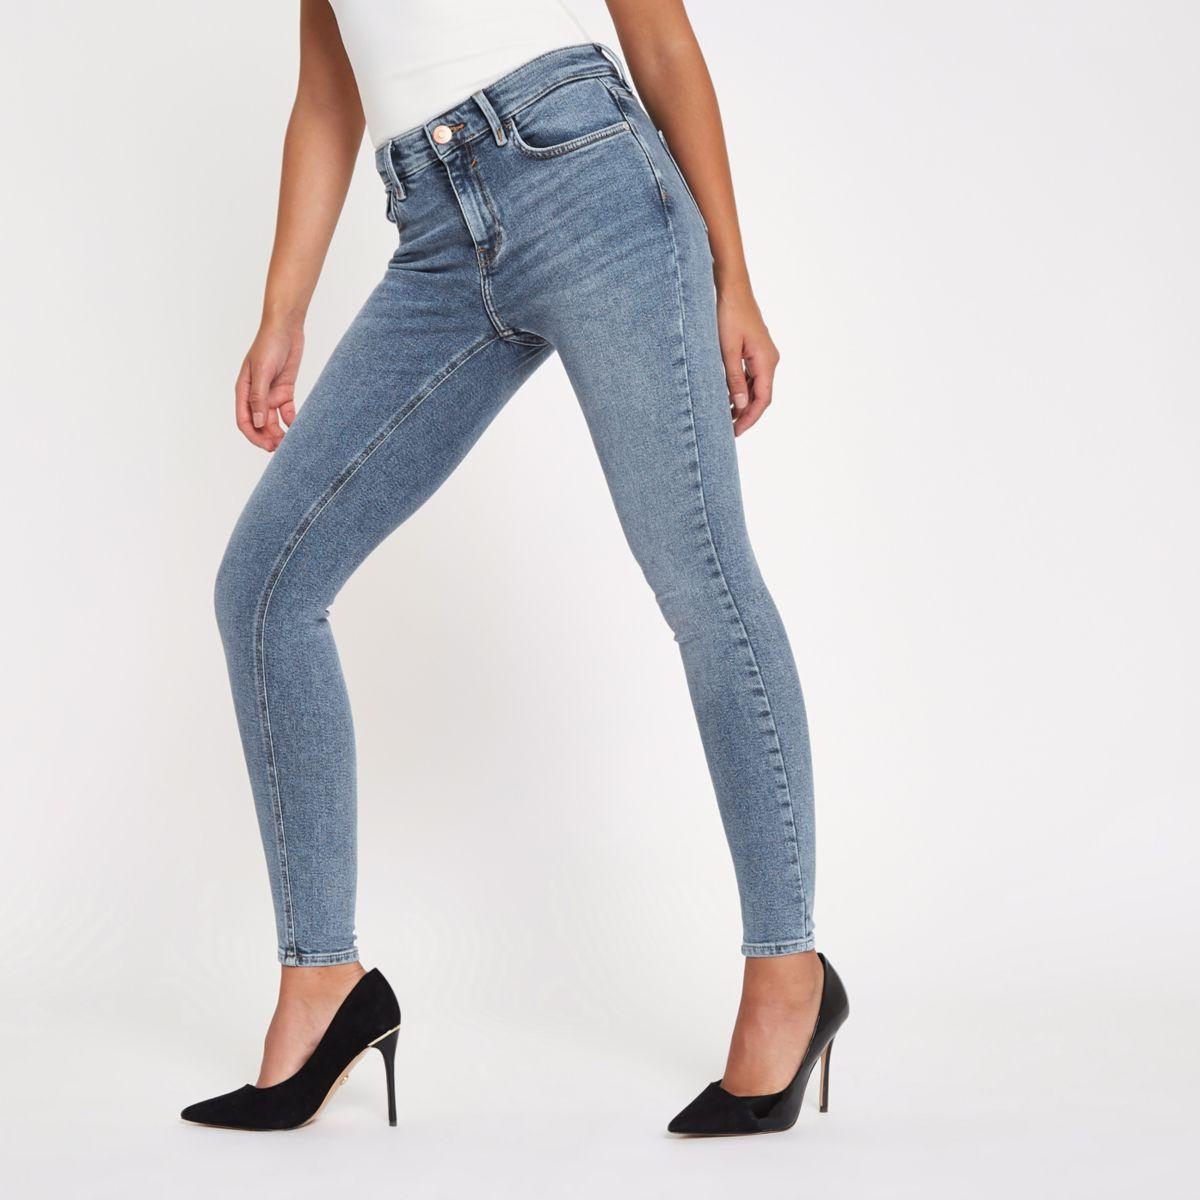 Denim rise jeans Denim Amelie Amelie mid mid rv1qr